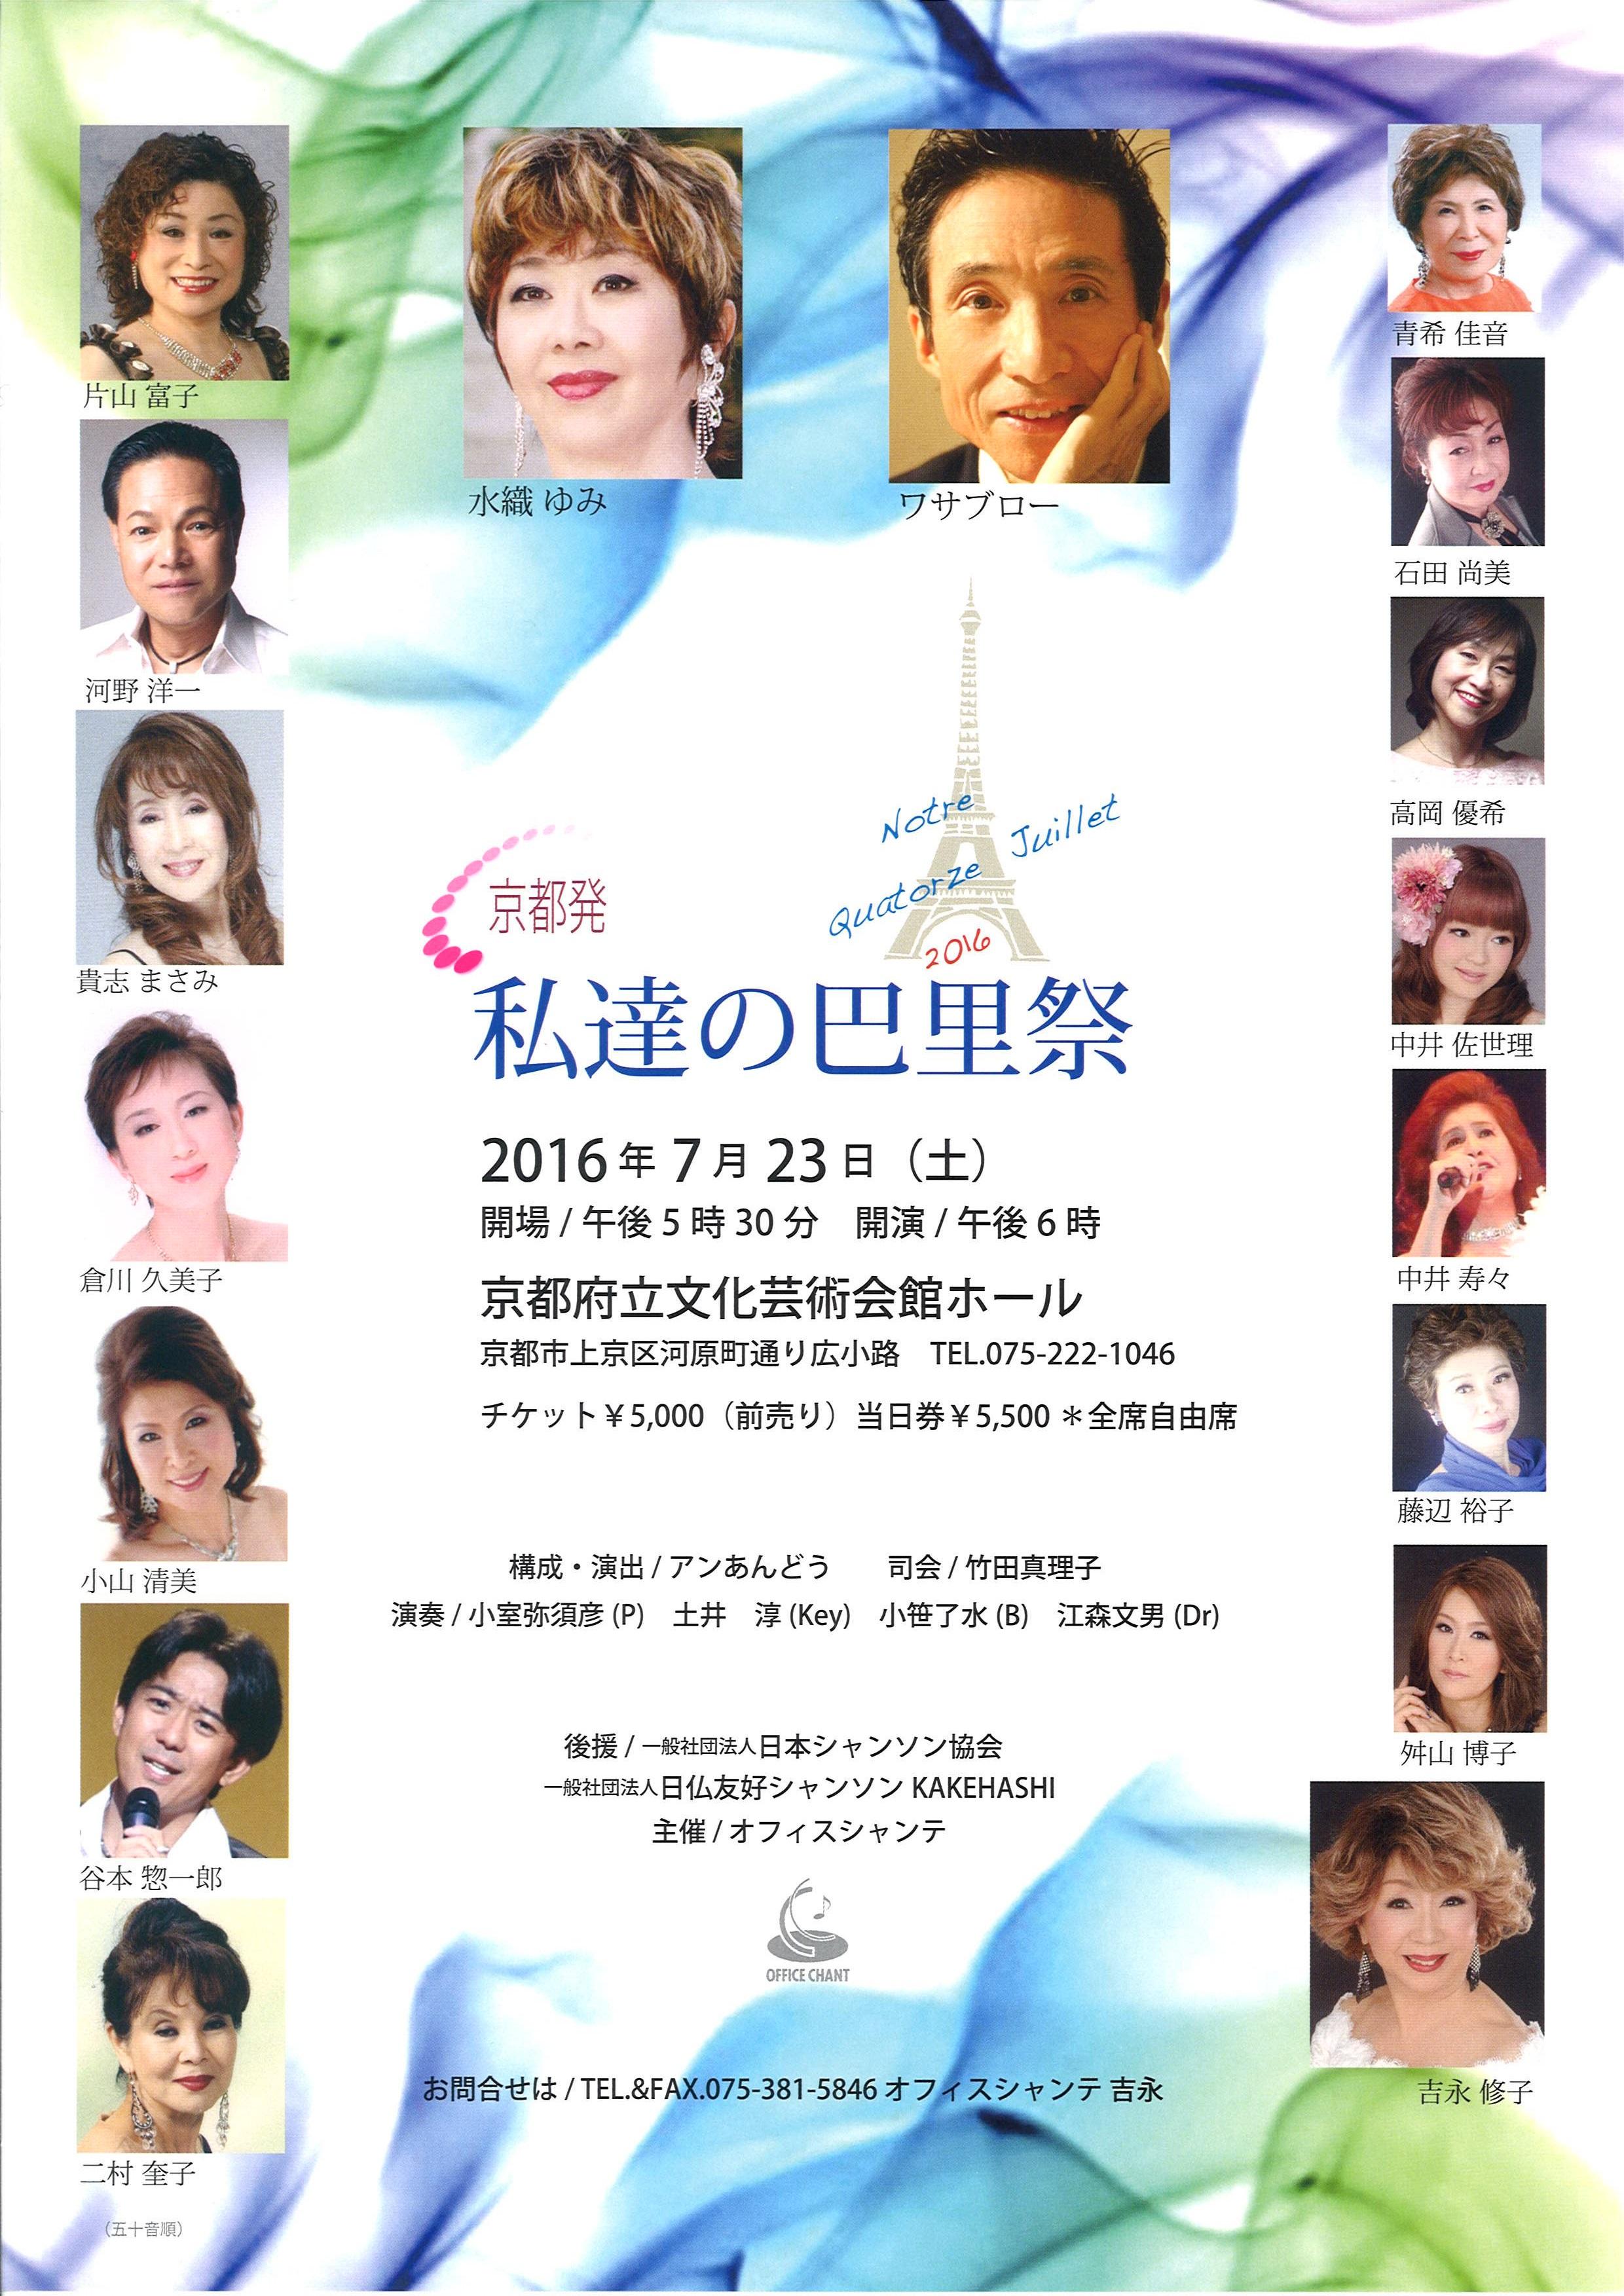 2016/05/20160525140418_00005.jpg